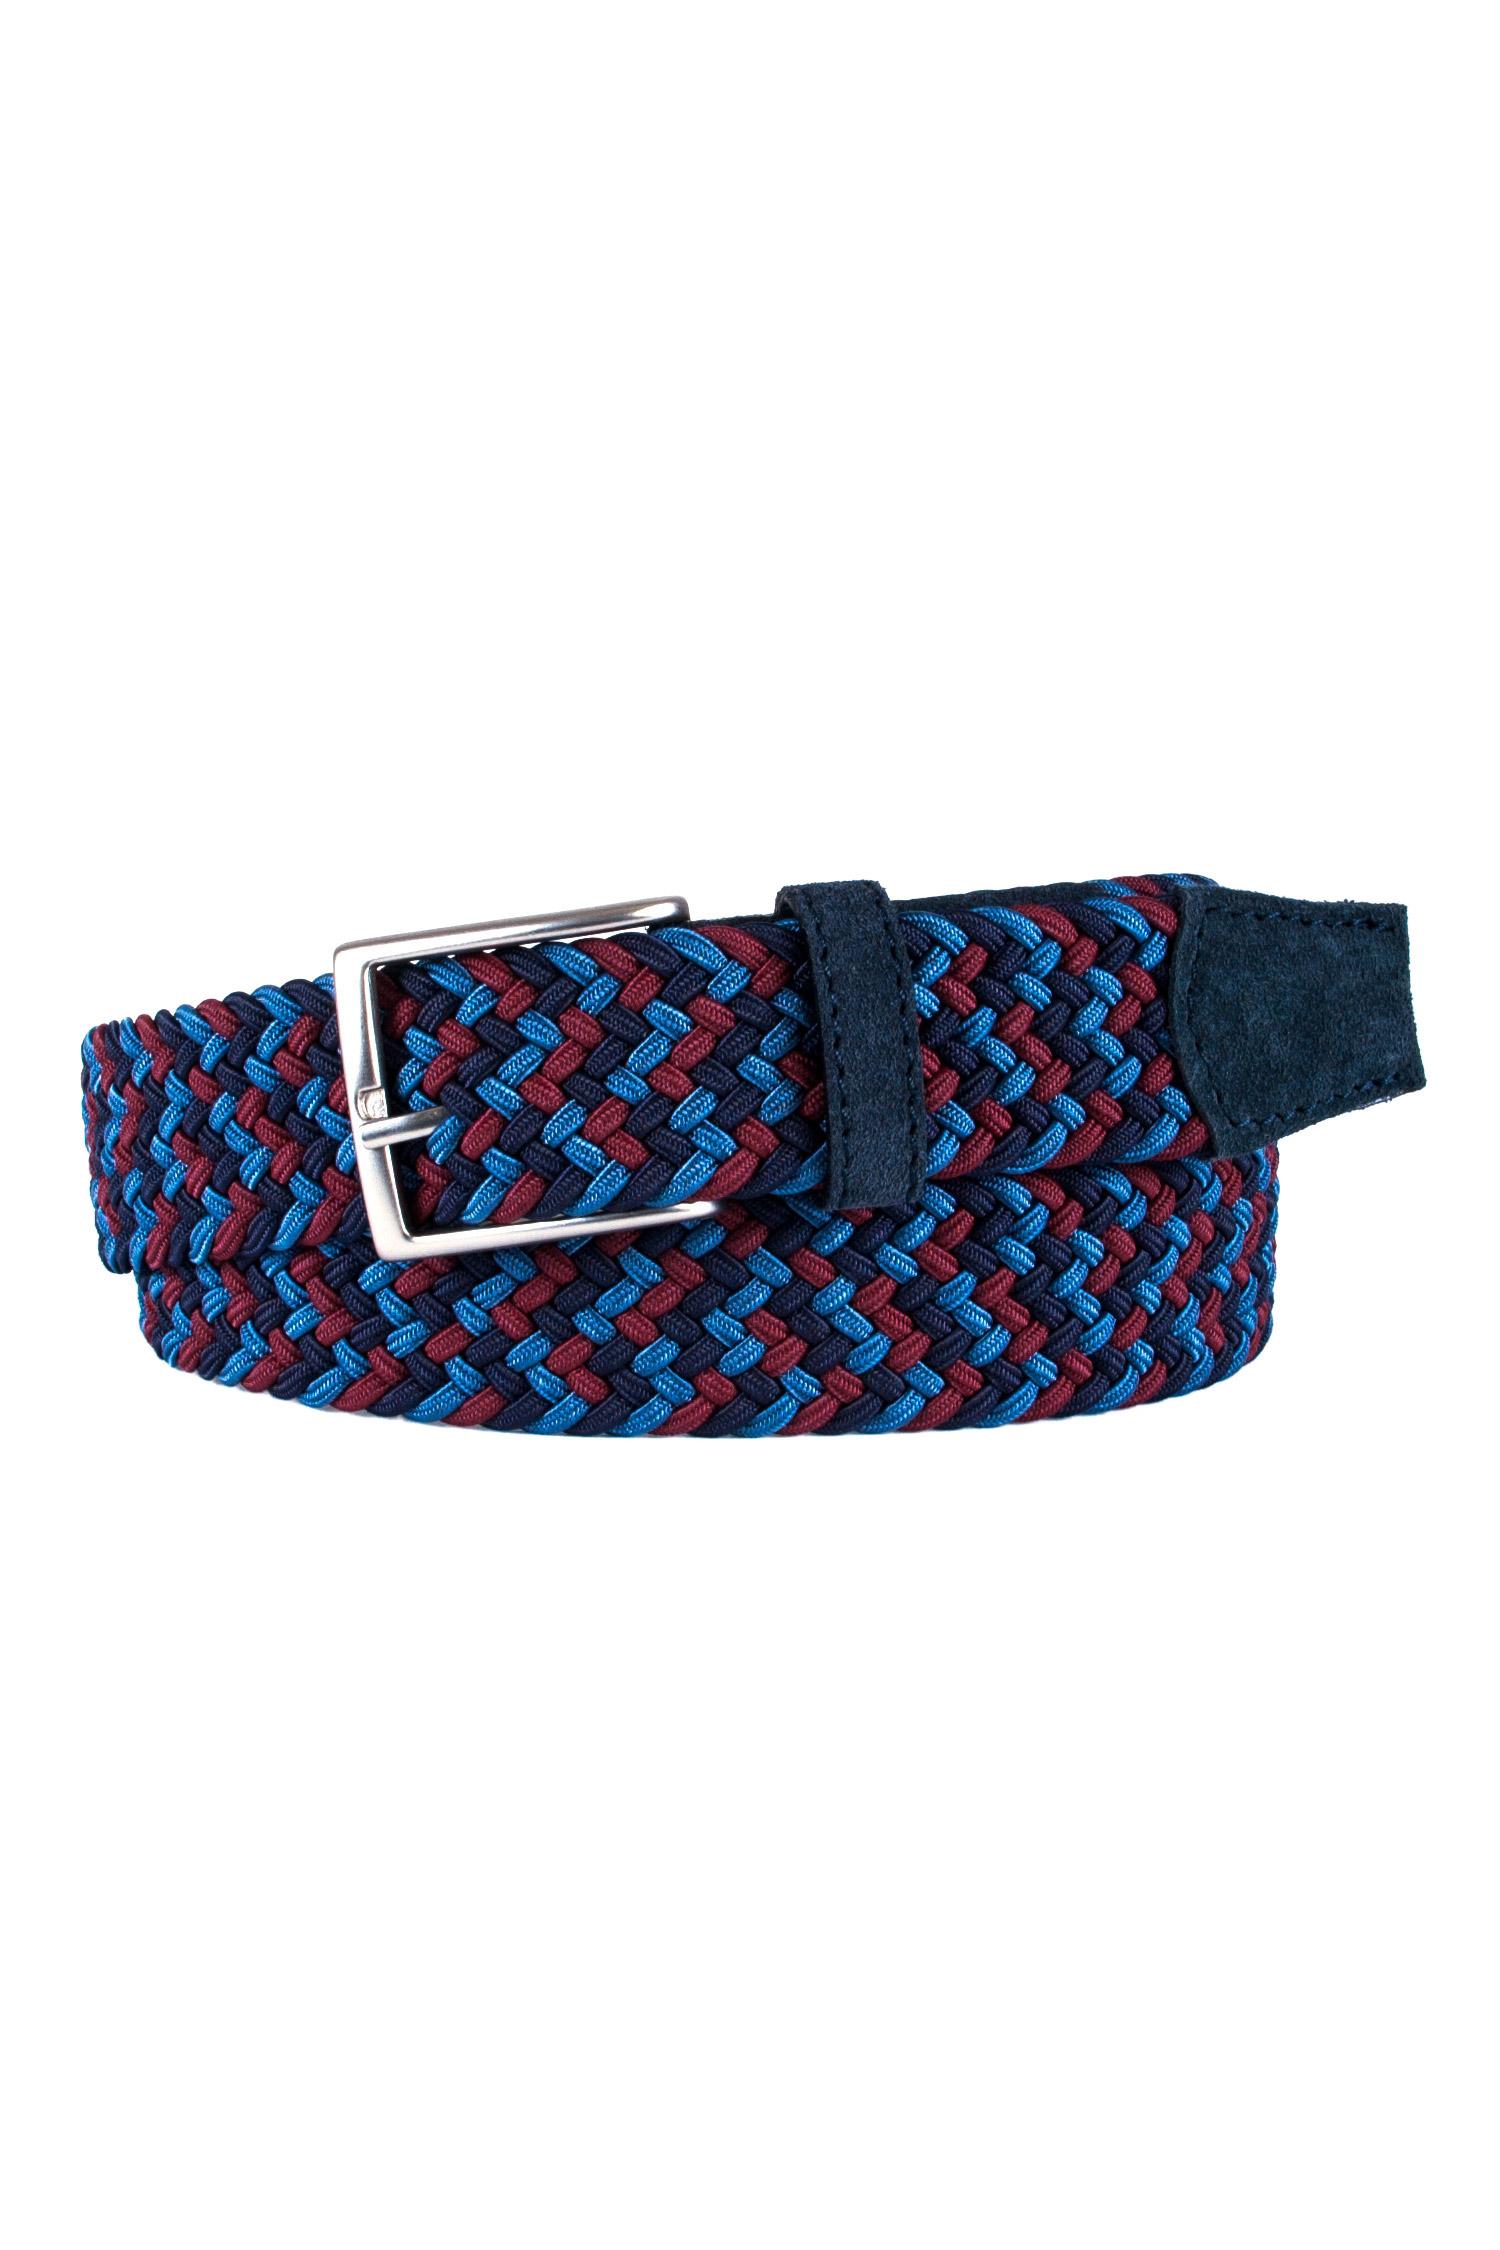 Complementos, Cinturones, 107379, NOCHE   Zoom